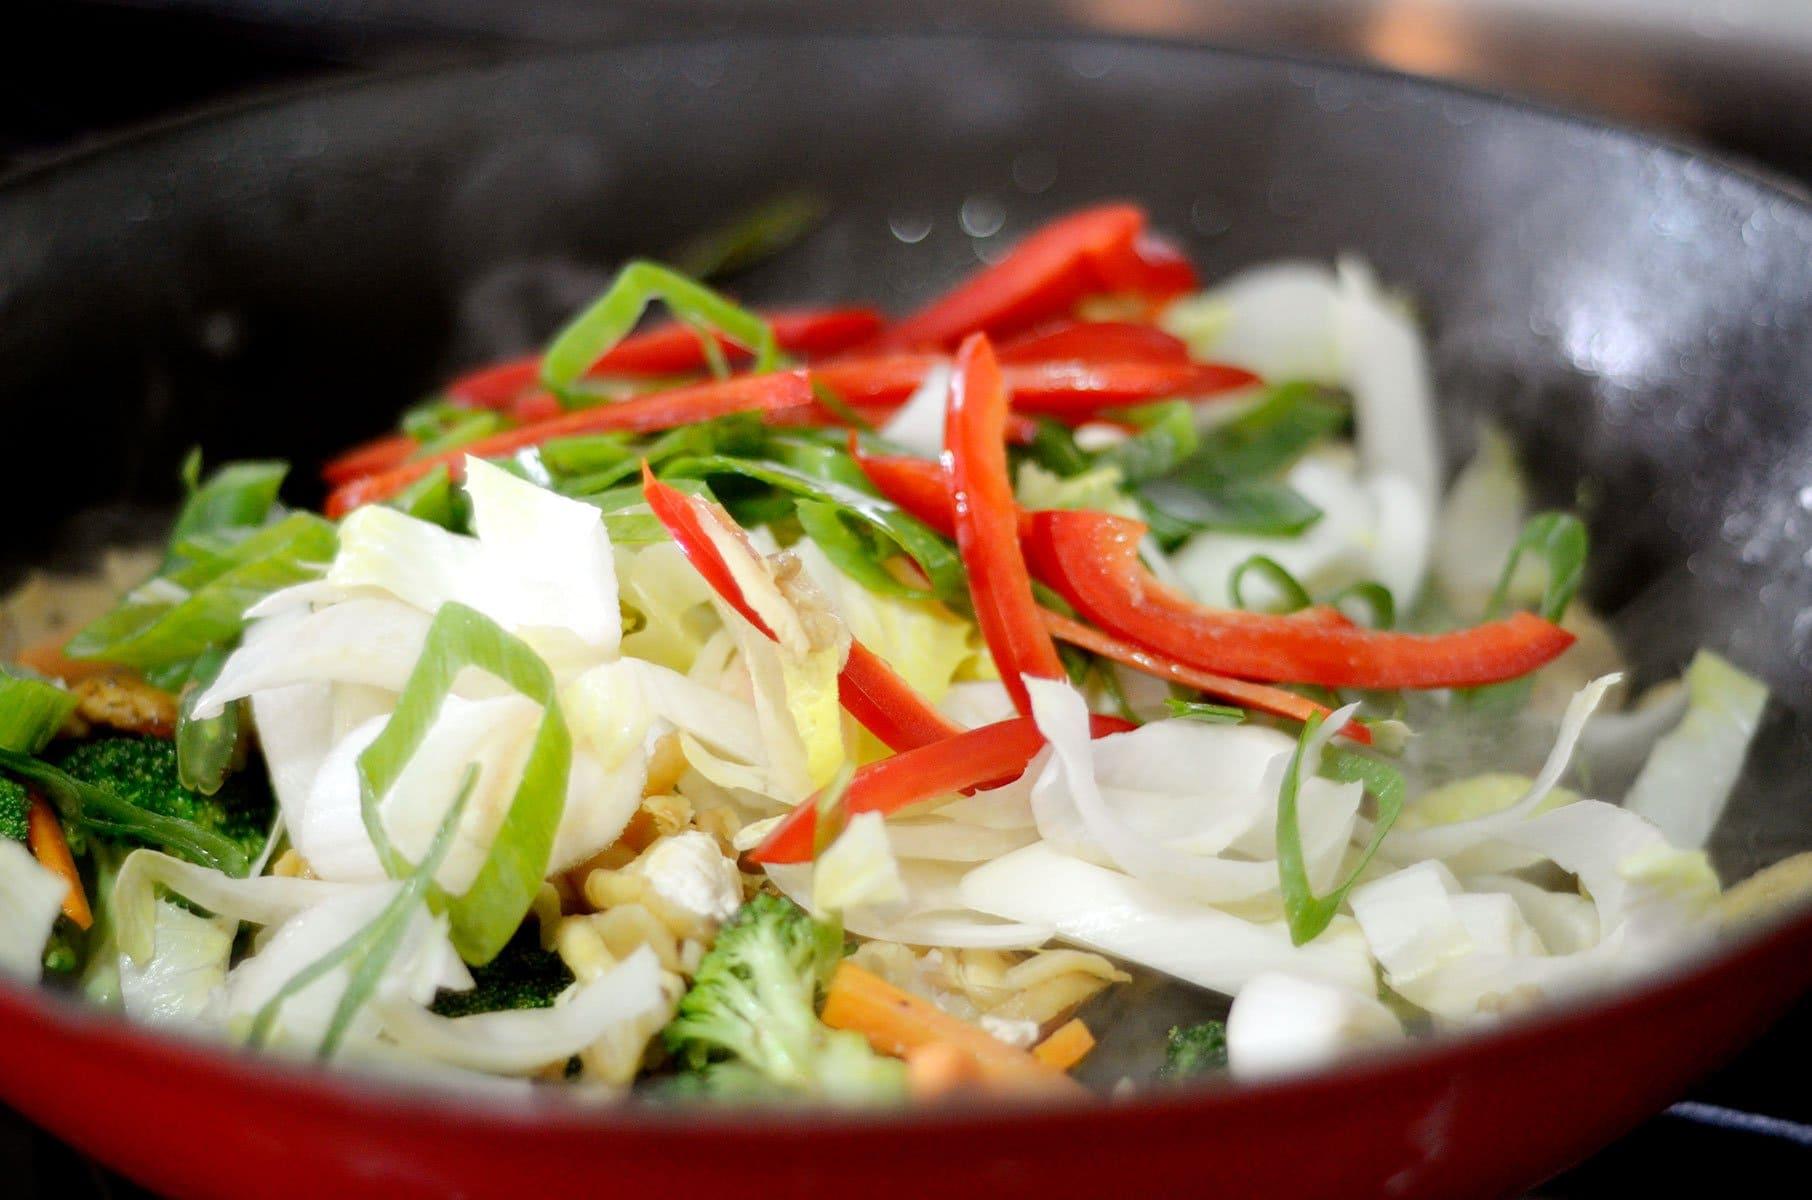 Cocinando los vegetales